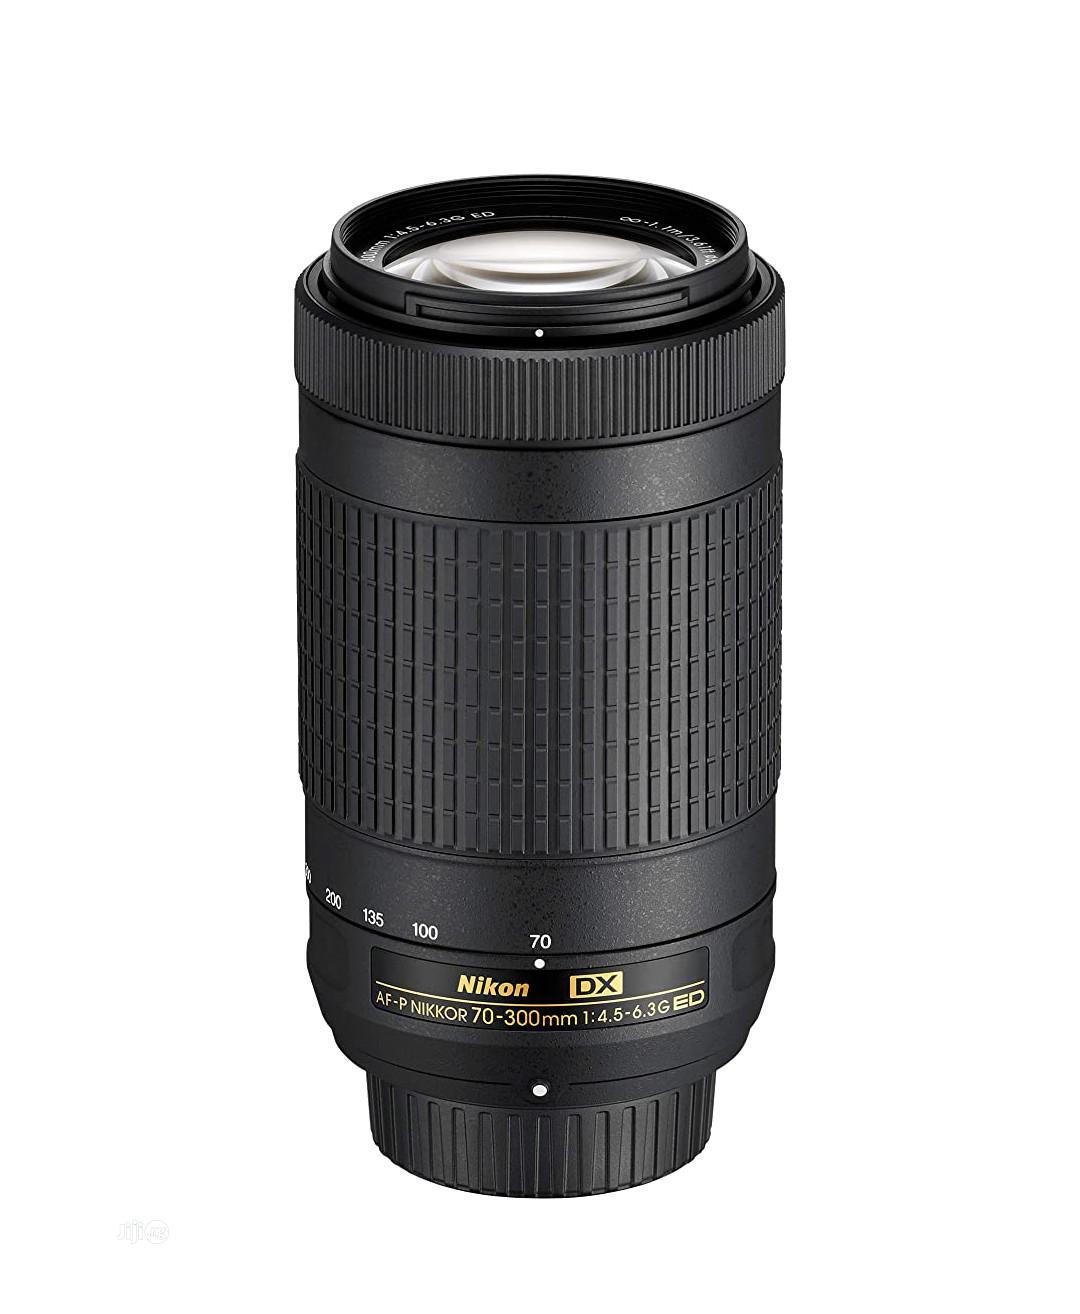 Archive: Nikon AF-P DX NIKKOR 70-300mm F/4.5-6.3g ED Lens for Nikon